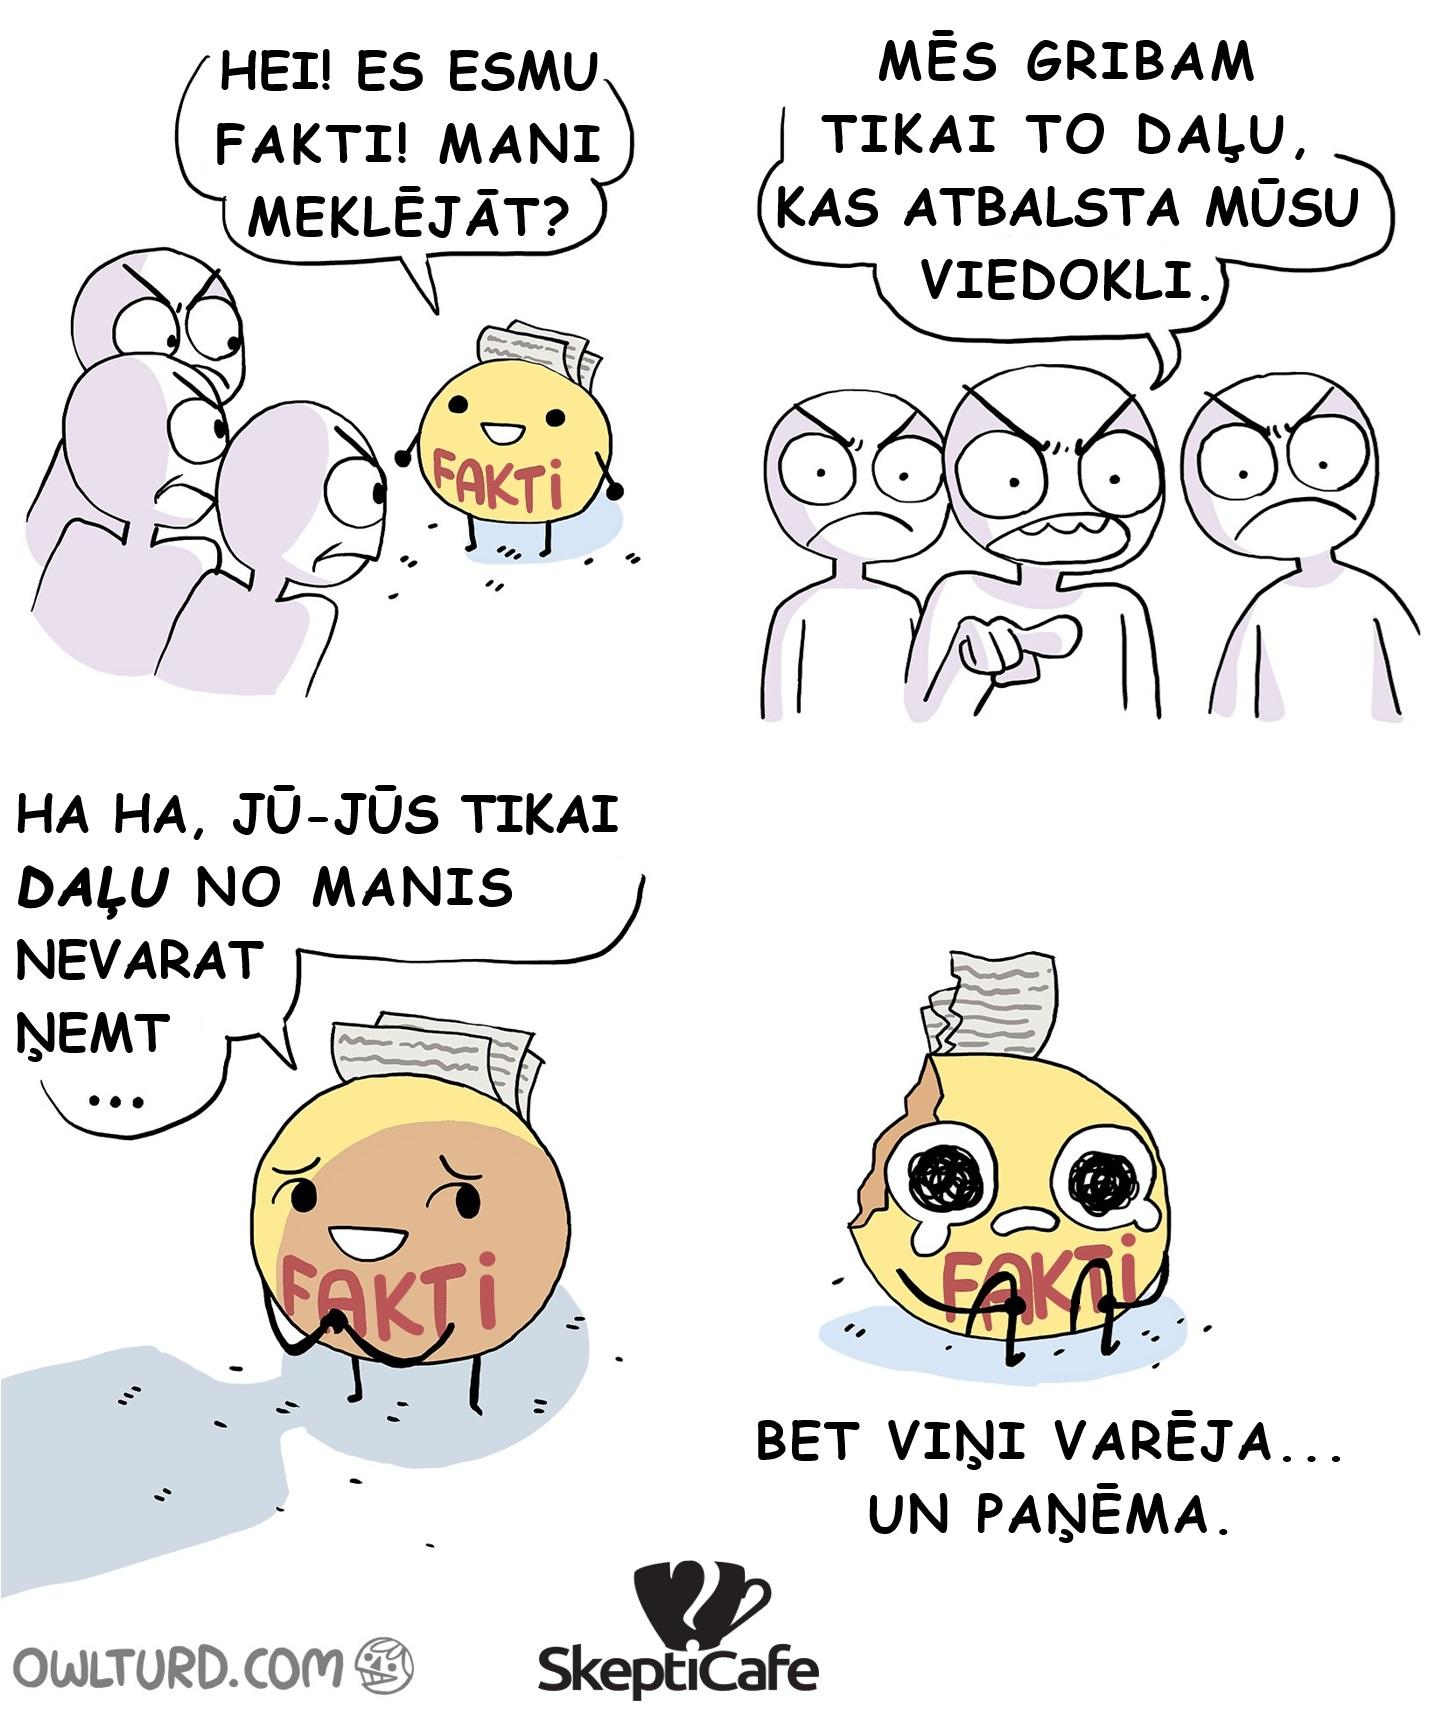 Faktu komikss